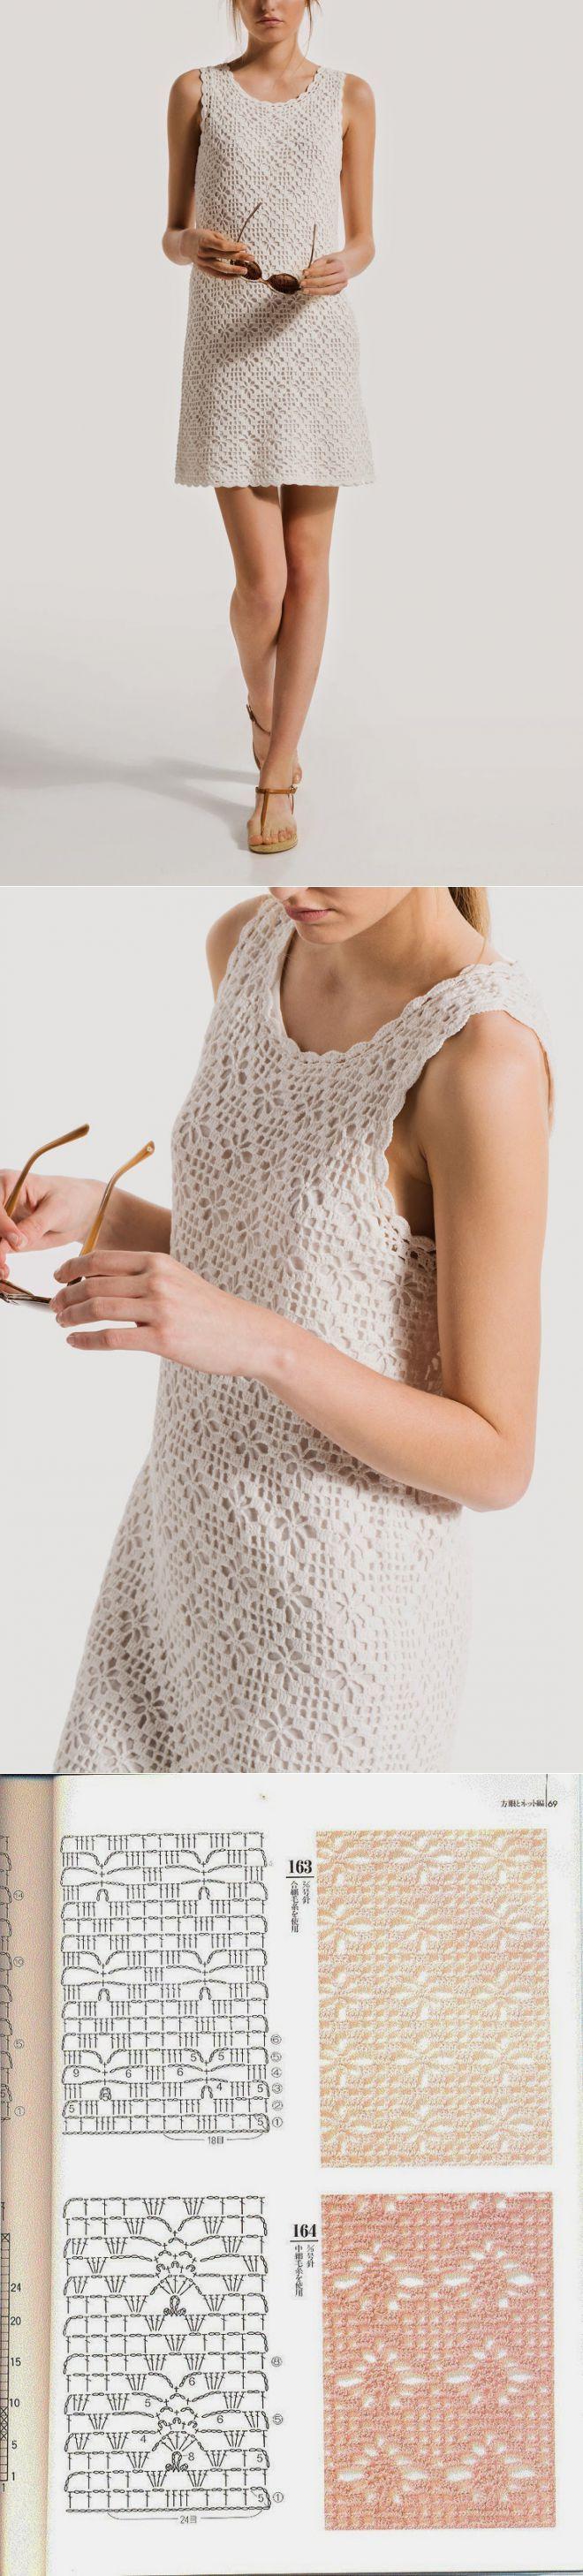 Crochetemoda: Vestido Branco de Crochet | Вязание для детей | Постила